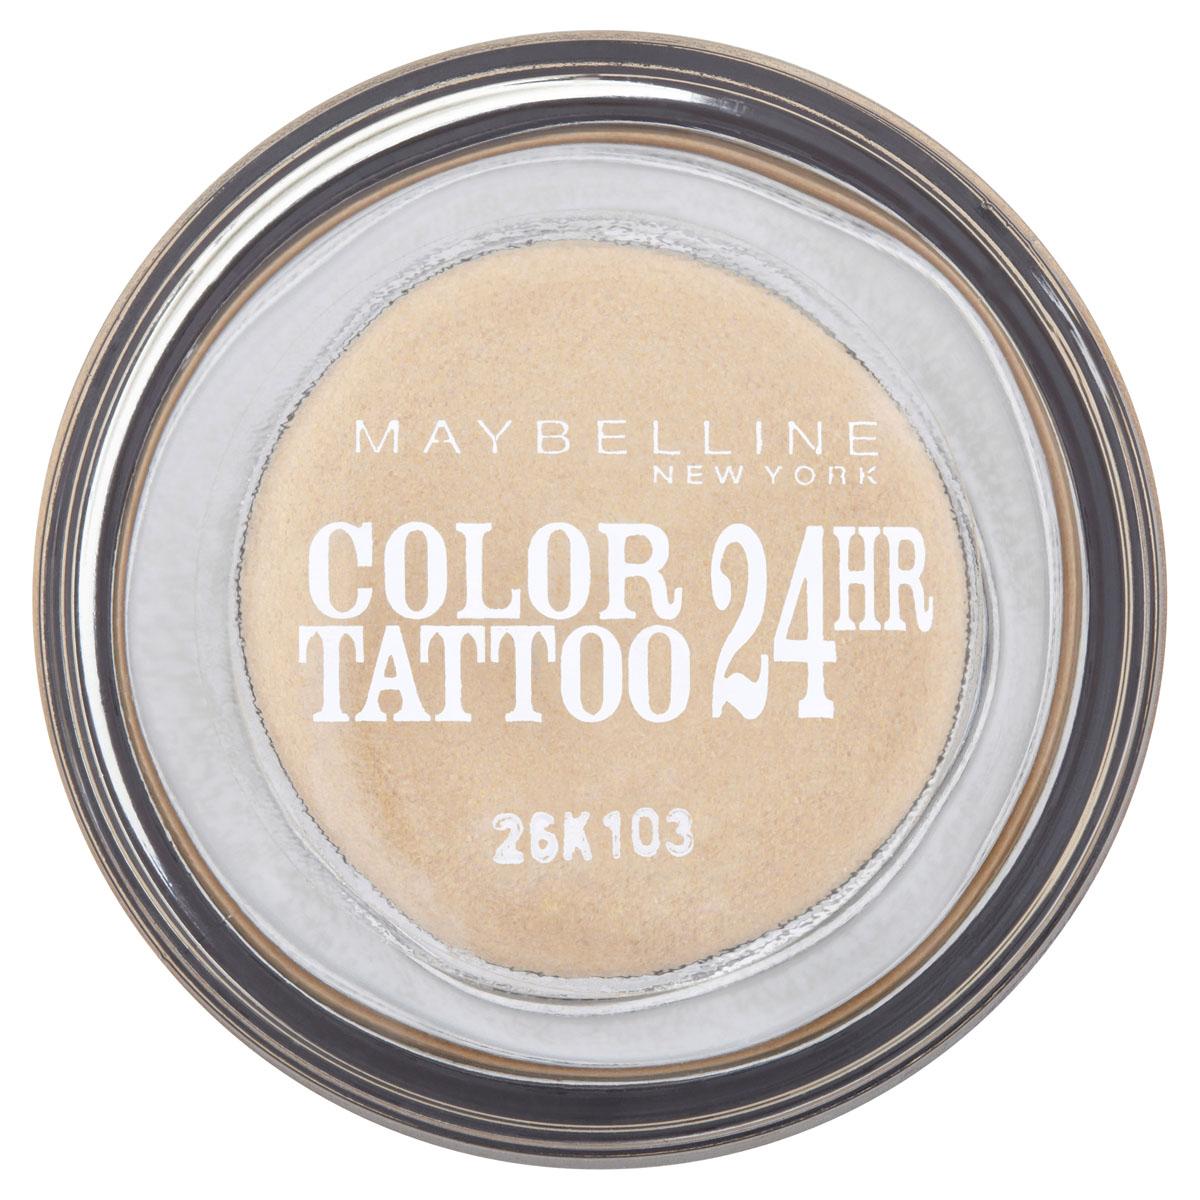 Maybelline New York Тени для век Color Tattoo 24 часа, оттенок 05, Вечное золото, 4 млB1949000Осмелься на ультраяркий, самый стойкий цвет!Супернасыщенные крем-гелевые тени с технологией тату-пигментов. Насыщенные, устойчивые тениMaybelline Color Tattoo 24 часа предназначены для дневного и вечернего макияжа. Тени словно татуировка надежно закрепляются на коже, не боятся влаги, не скатываются и не размазываются, даже если потереть глаза рукой. Товар сертифицирован.